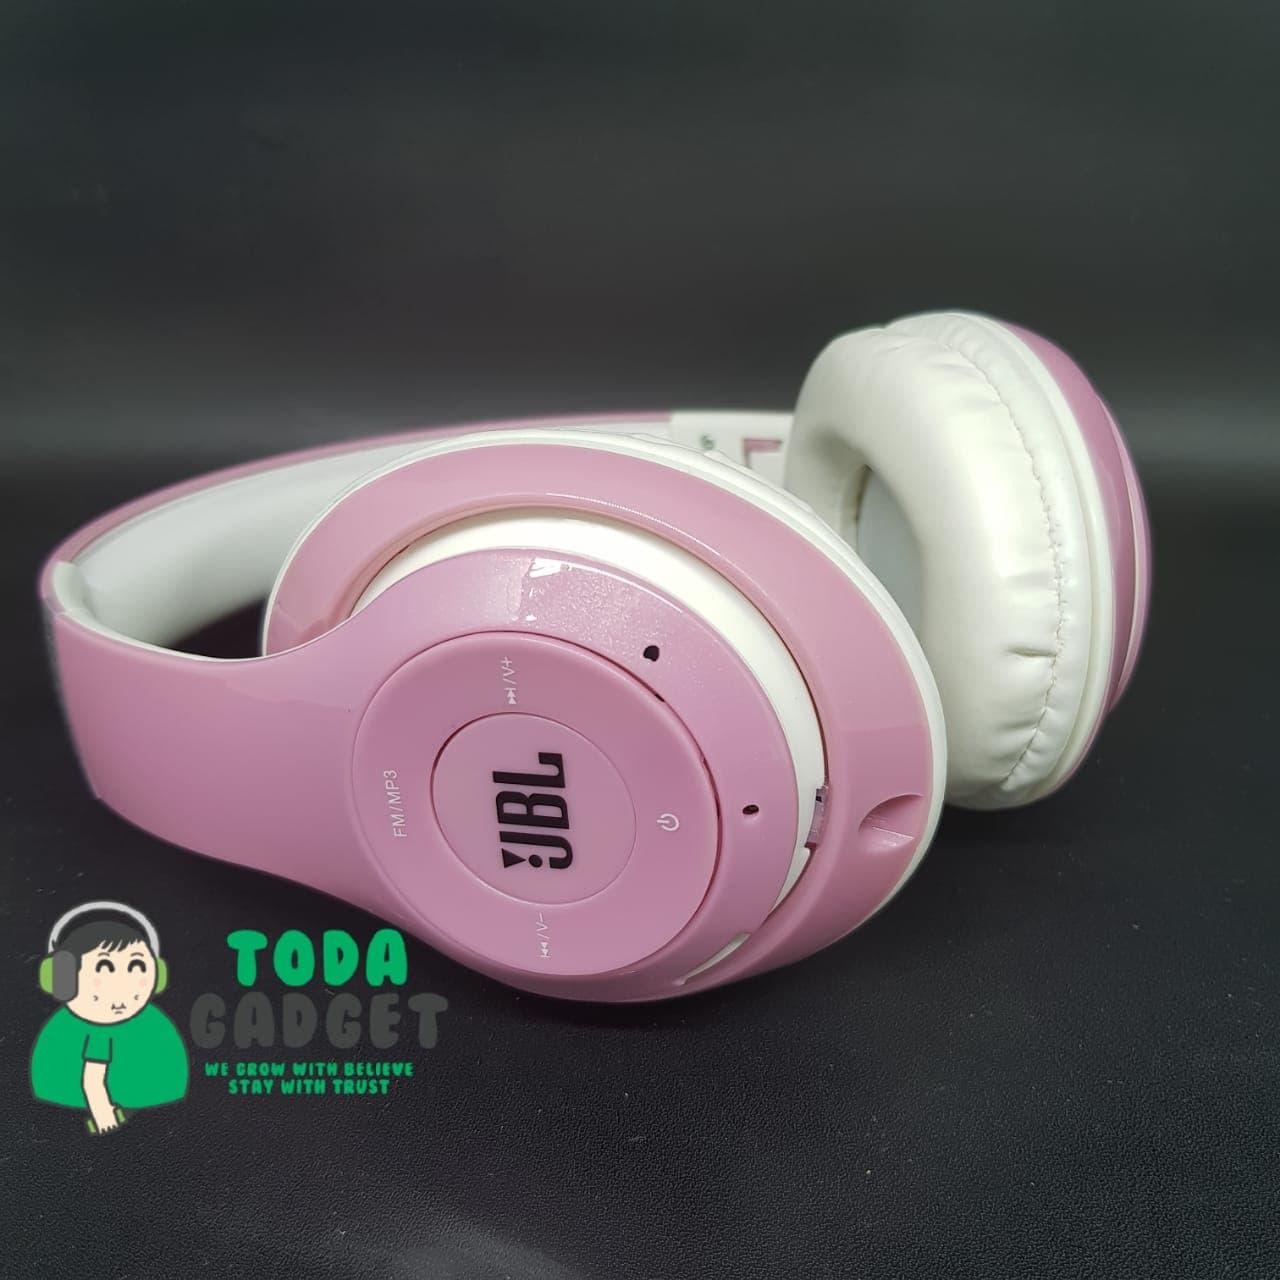 c778a854aff Jual HEADPHONE JBL-010s Pink - - Kota Sukabumi - todagadget17 ...